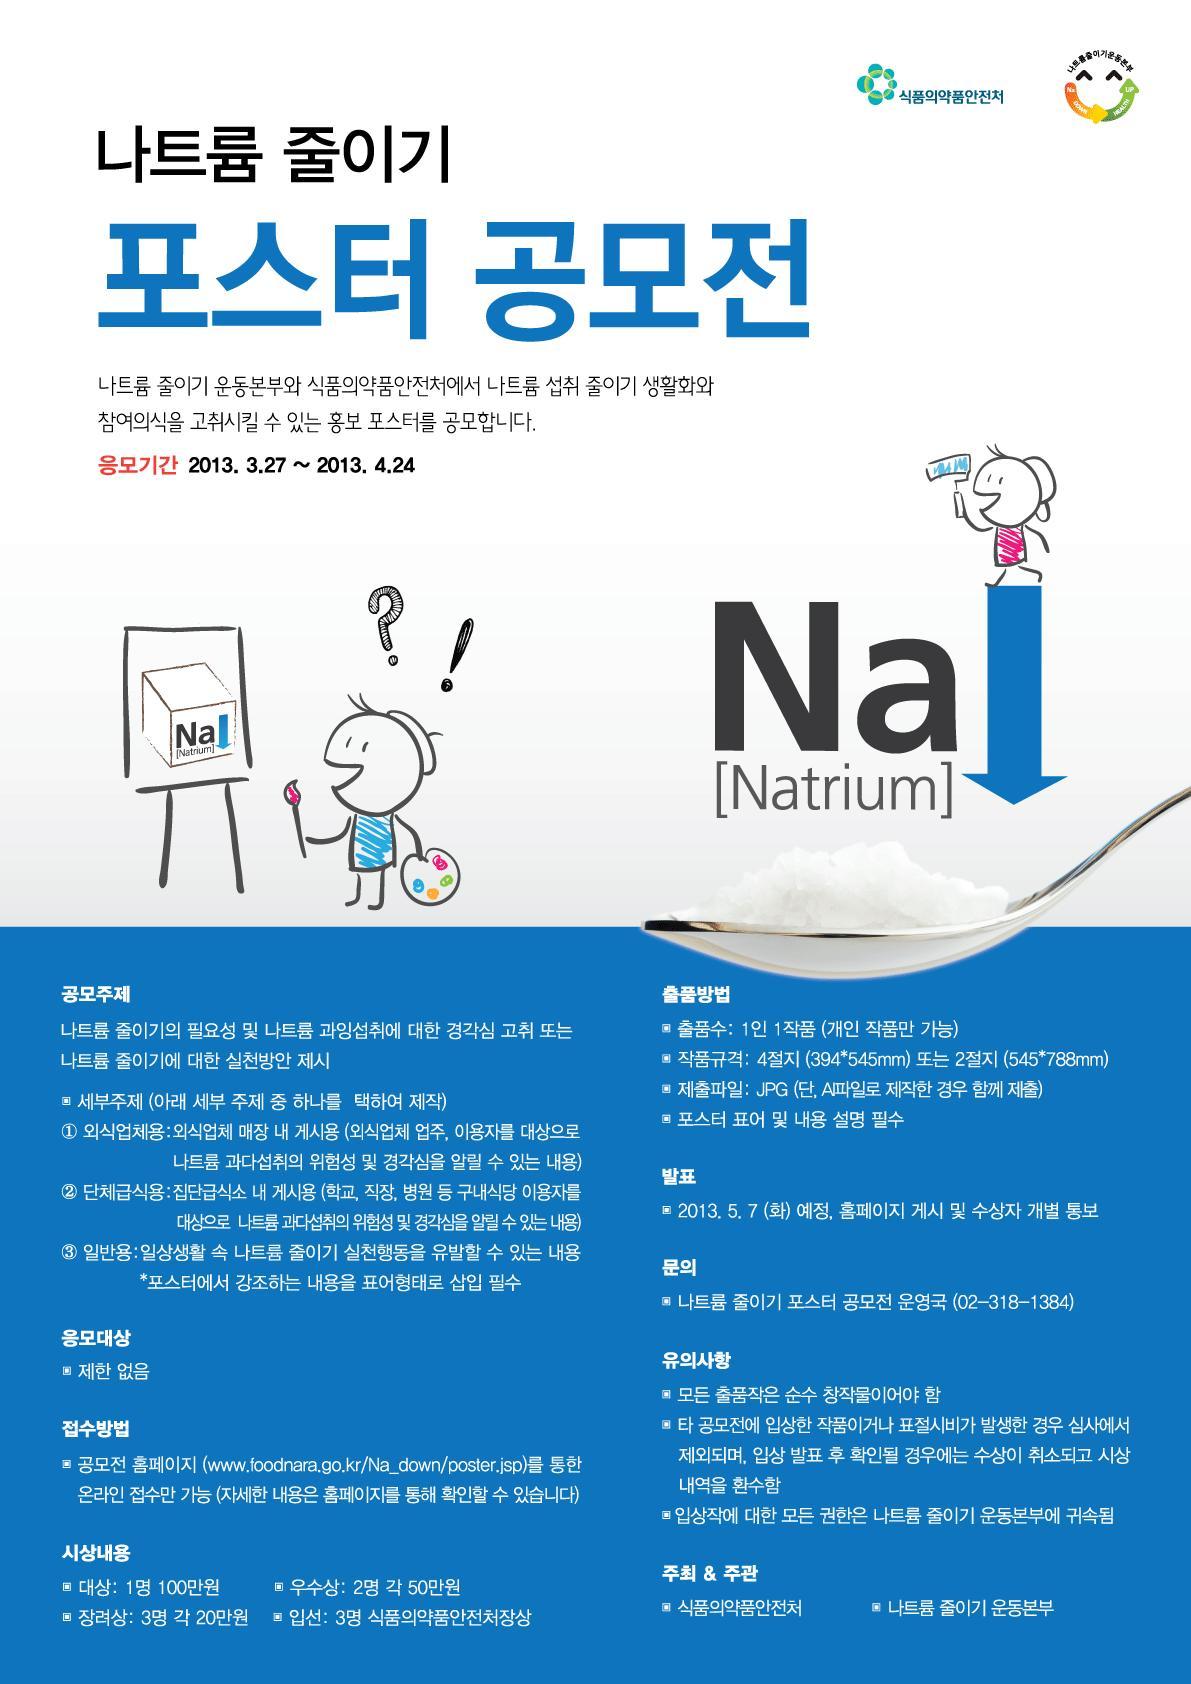 [나트륨줄이기운동본부] 포스터 공모전(모집: ~4/24까지, 발표:5/7)